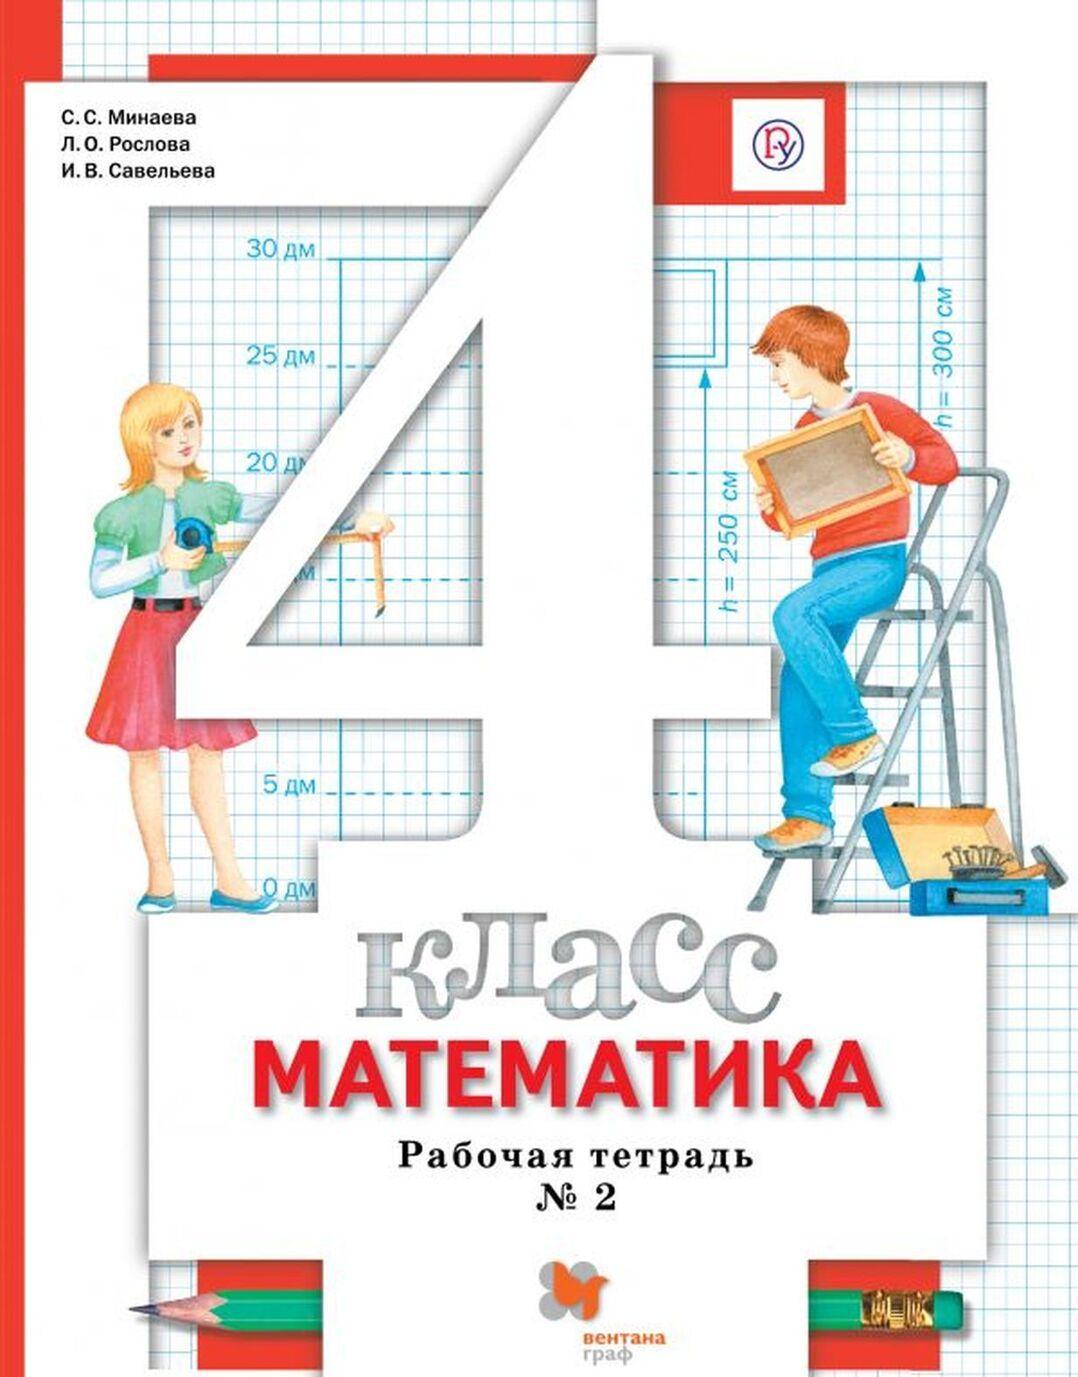 Matematika. 4klass. Rabochaja tetrad. V 2-kh chastjakh. Chast 2 | Minaeva Svetlana Stanislavovna, Saveleva Irina Viktorovna